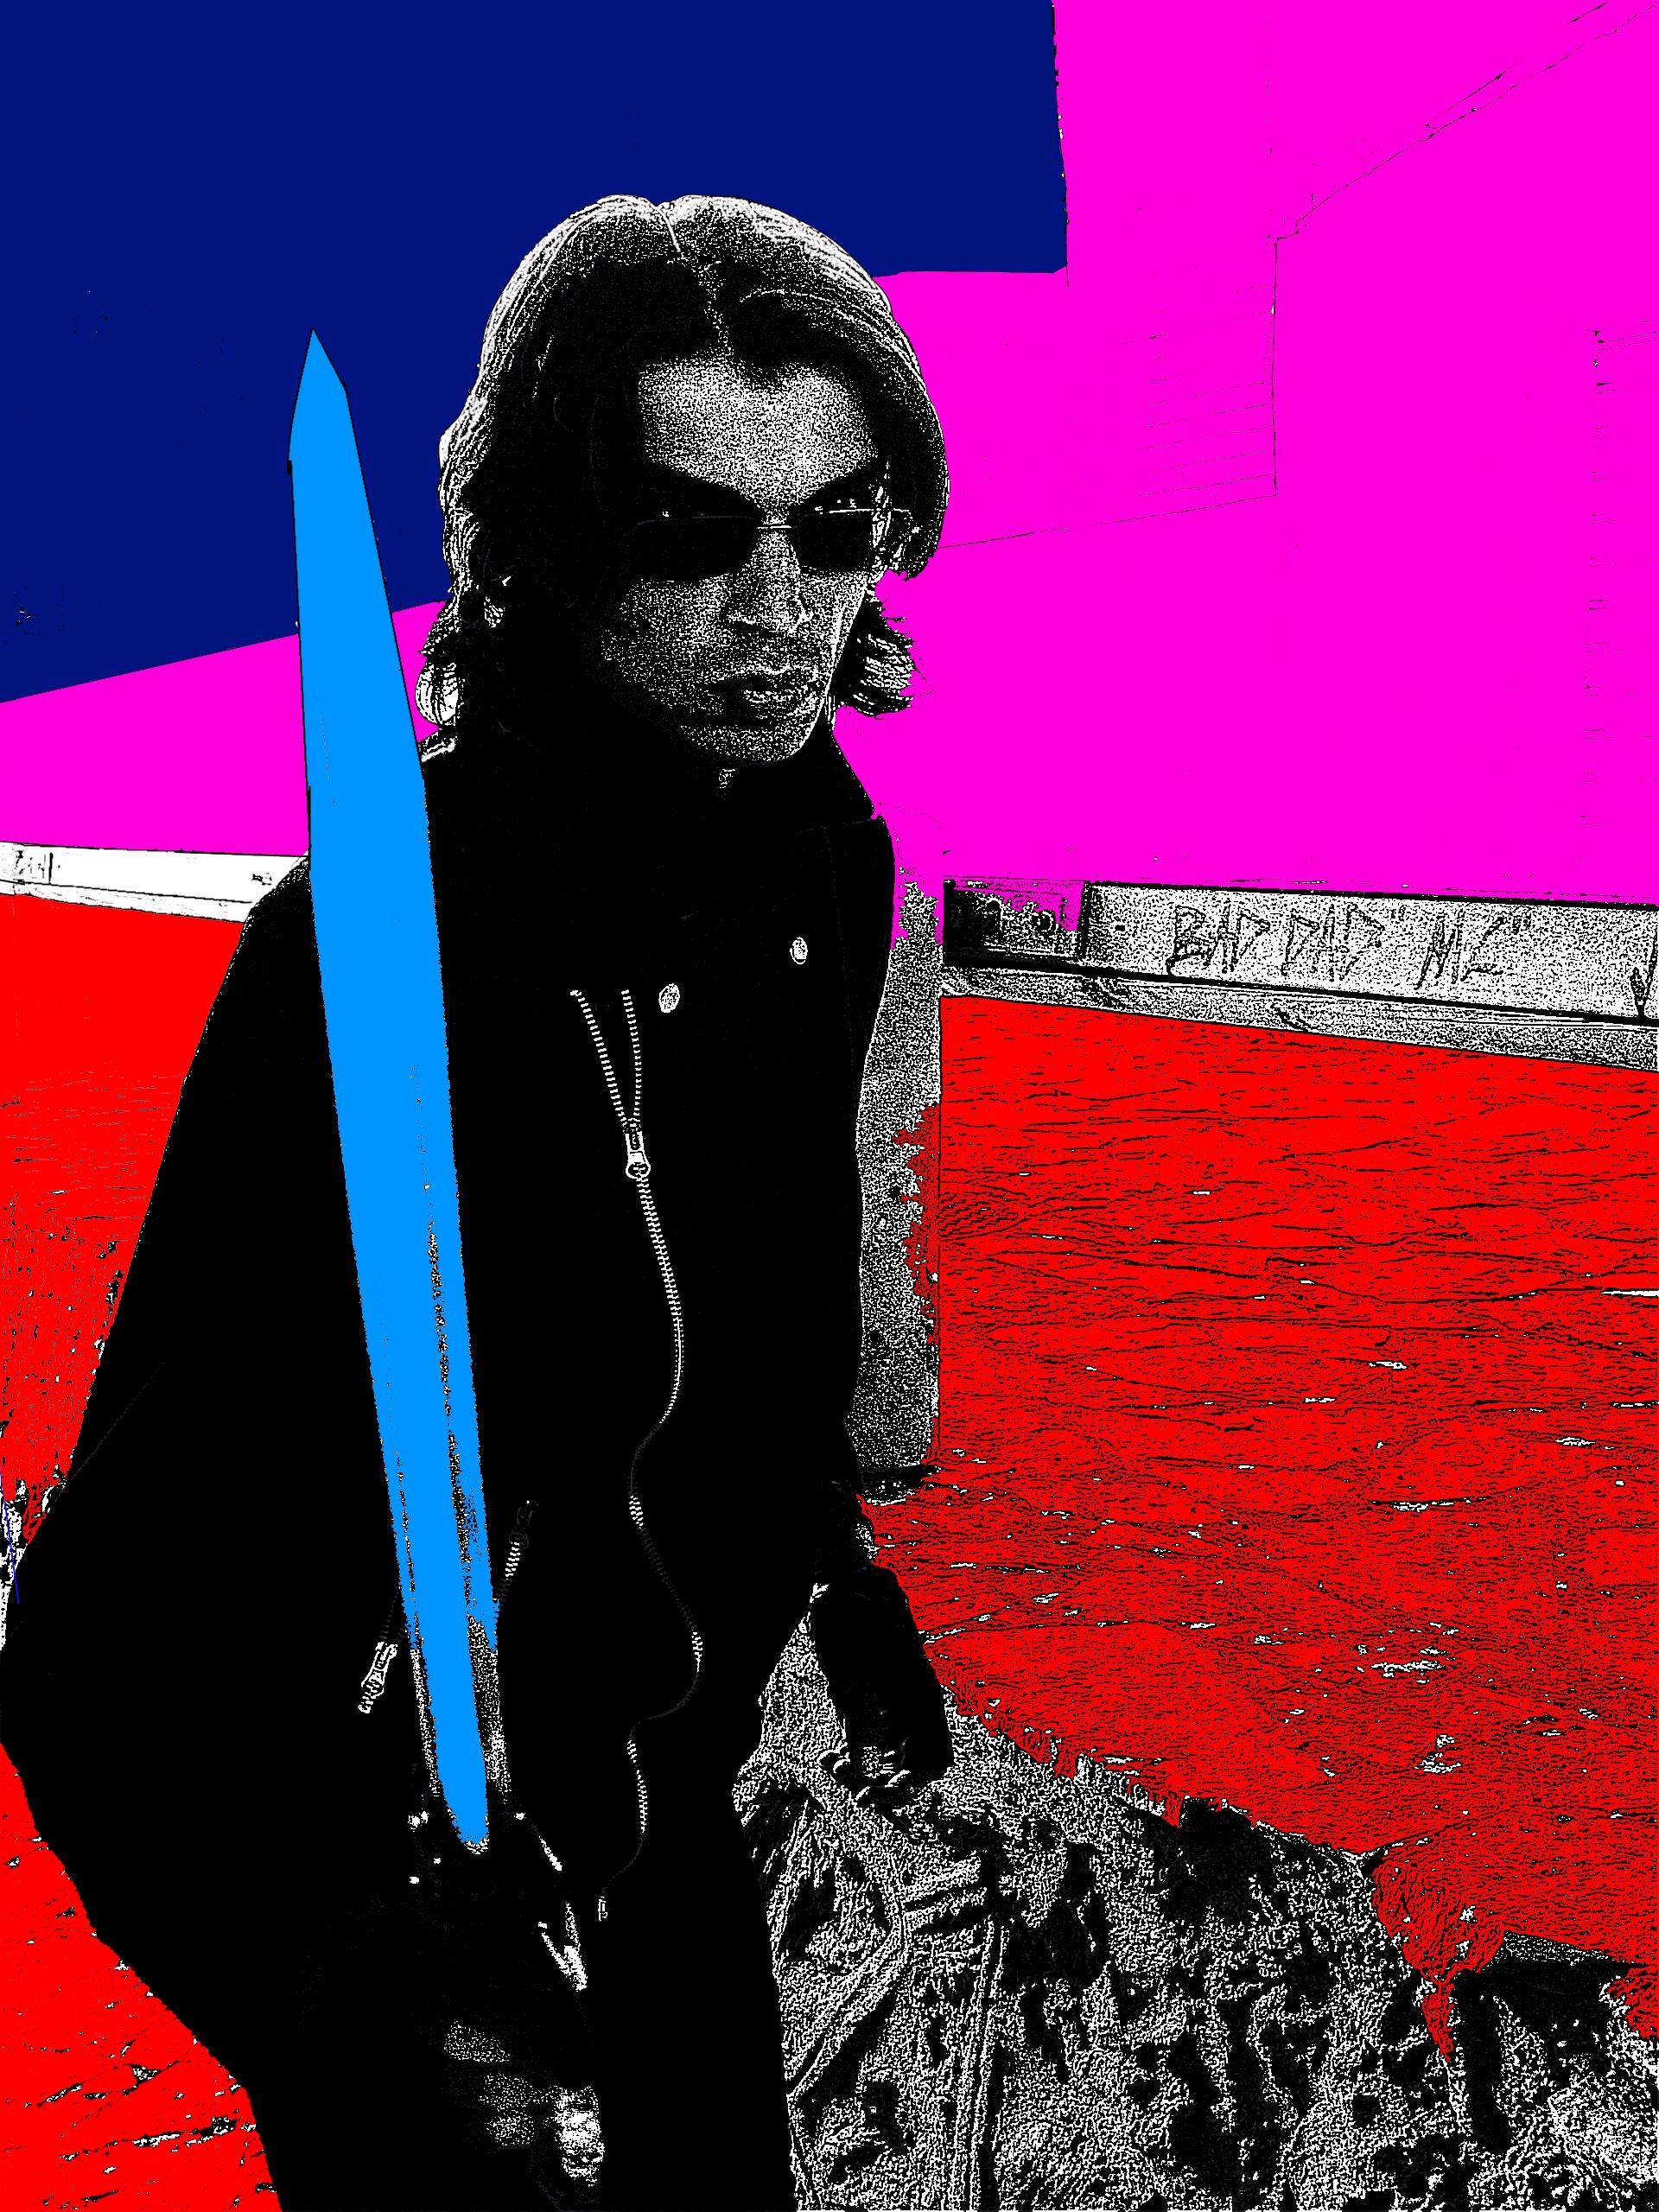 daniele_antonio_battaglia_shooter2